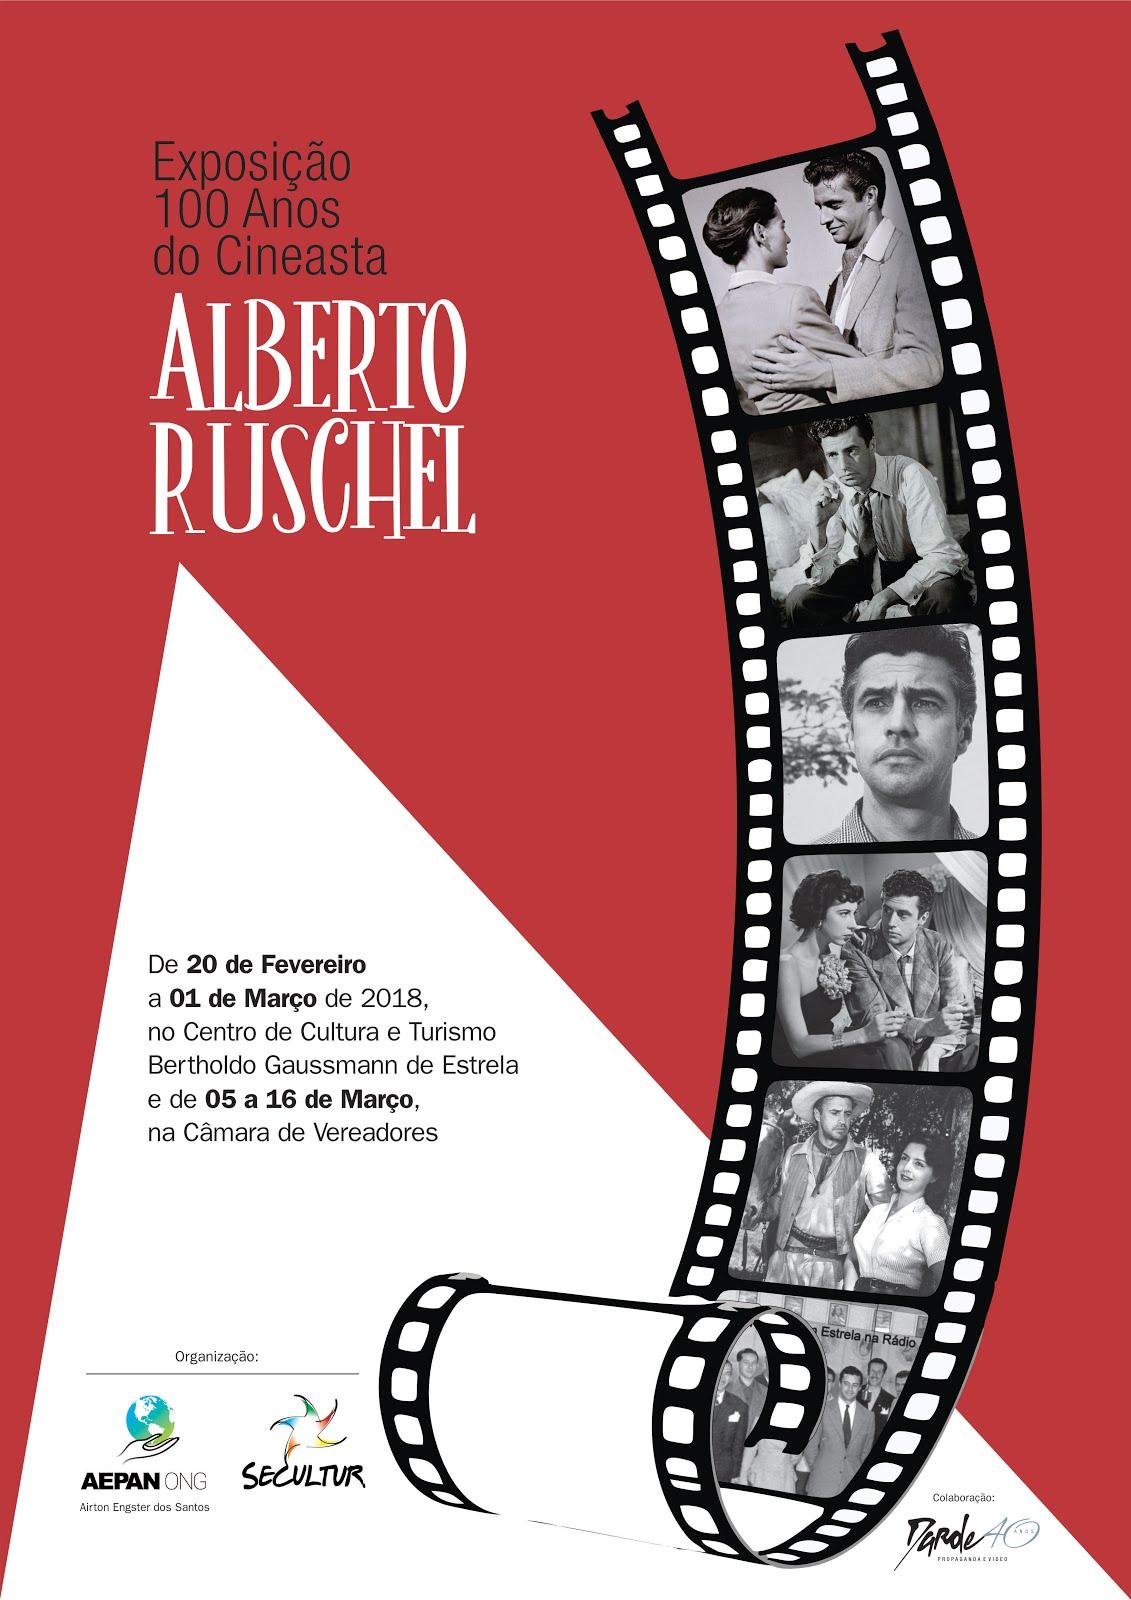 Exposição 100 Anos de nascimento do cineasta estrelense Alberto Ruschel...1918-2018...